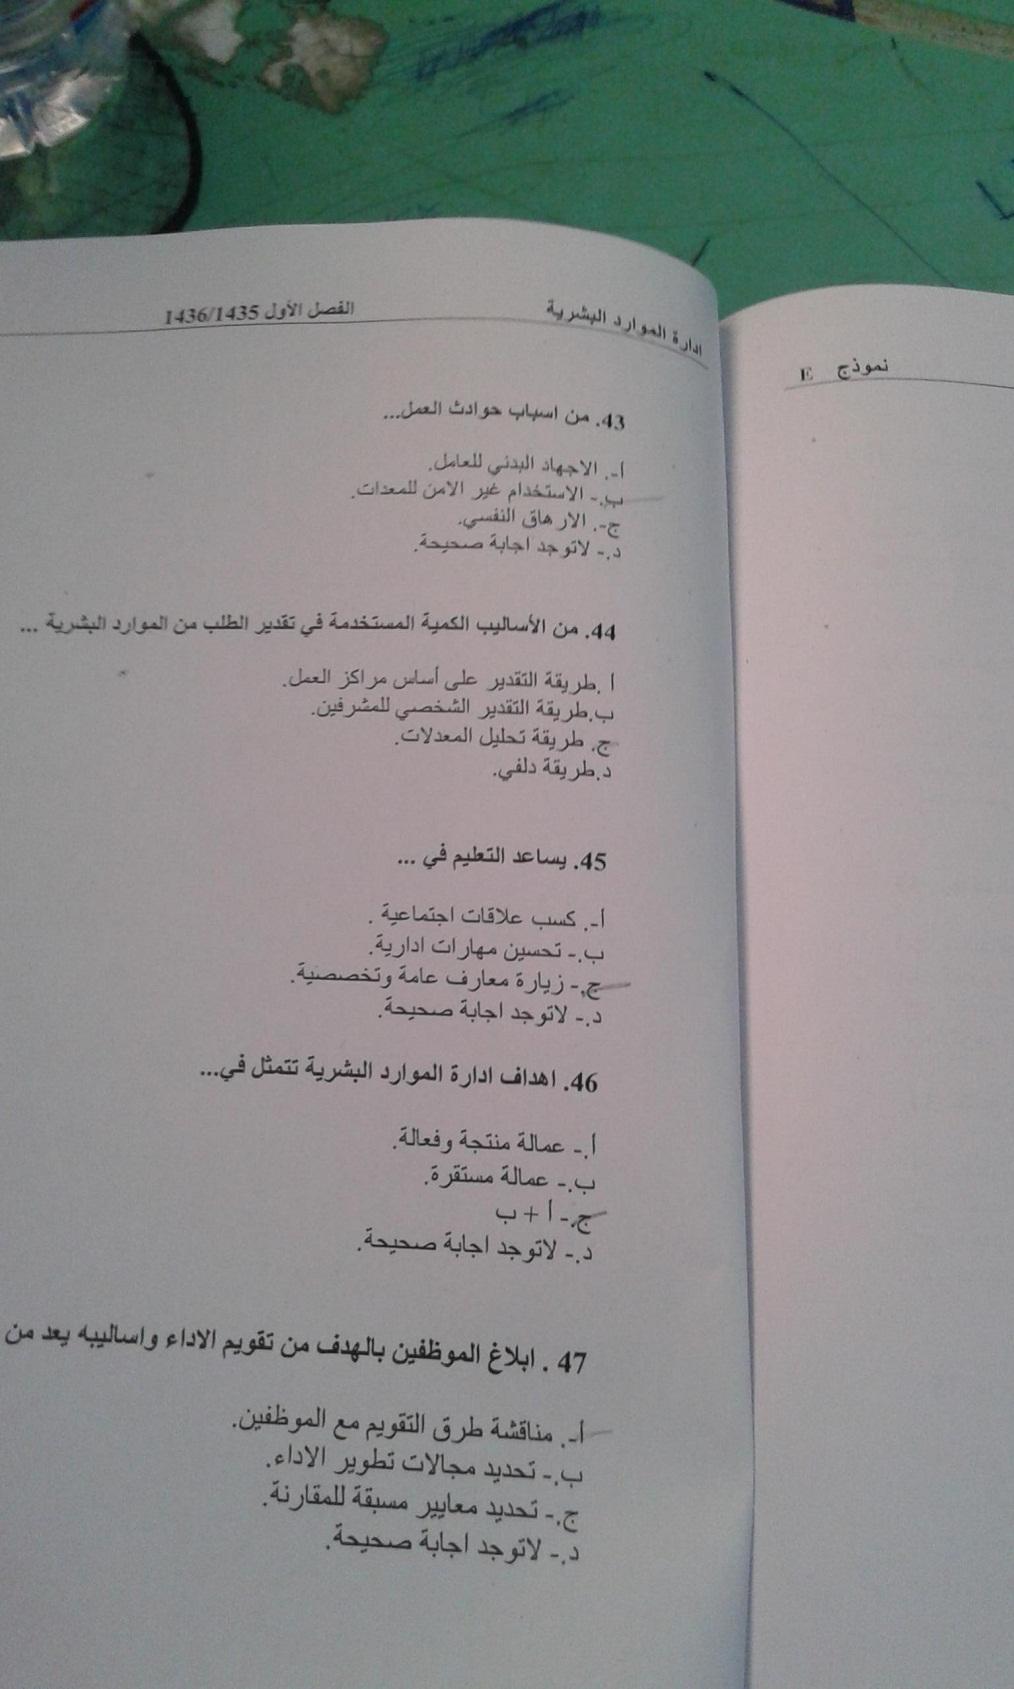 اسئلة اختبار مادة إدارة الموارد البشرية جامعة الملك فيصل 1436 - 2015 4616.jpg